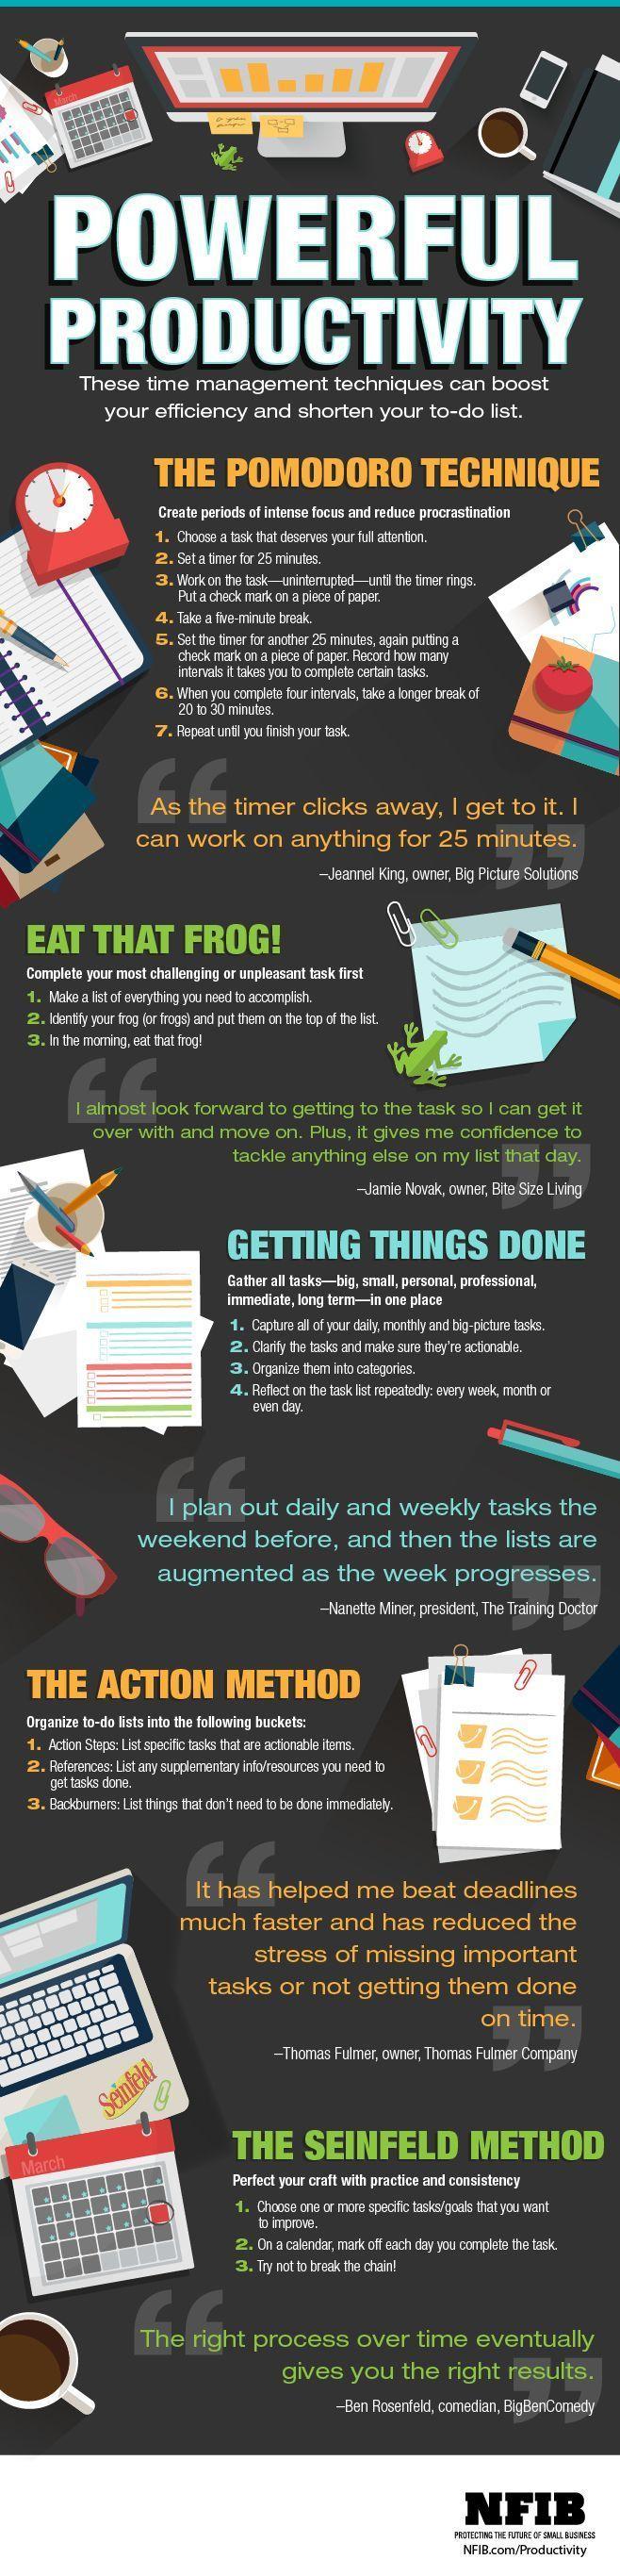 Motivation dadurch, dass man die richtigen Dinge zur richtigen Zeit tut - und auch erledigt #motivation #lernen